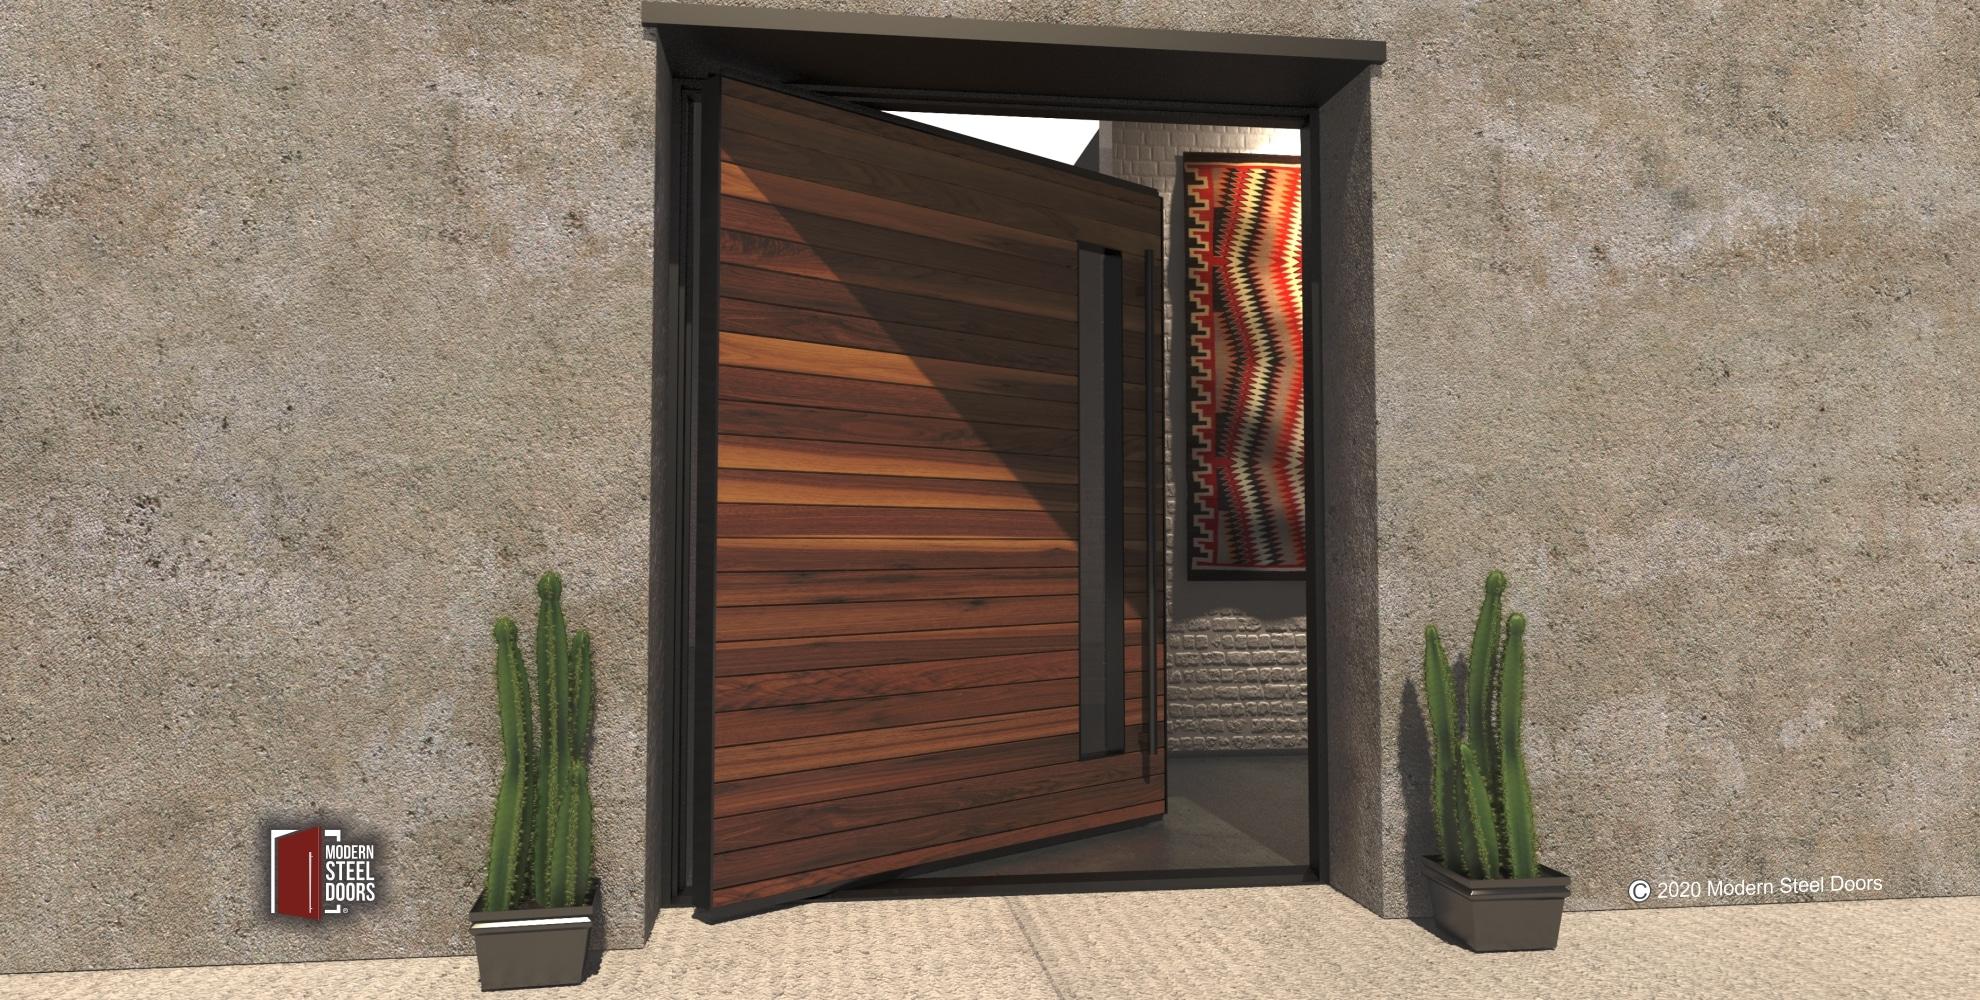 metal framed wood door and door lite